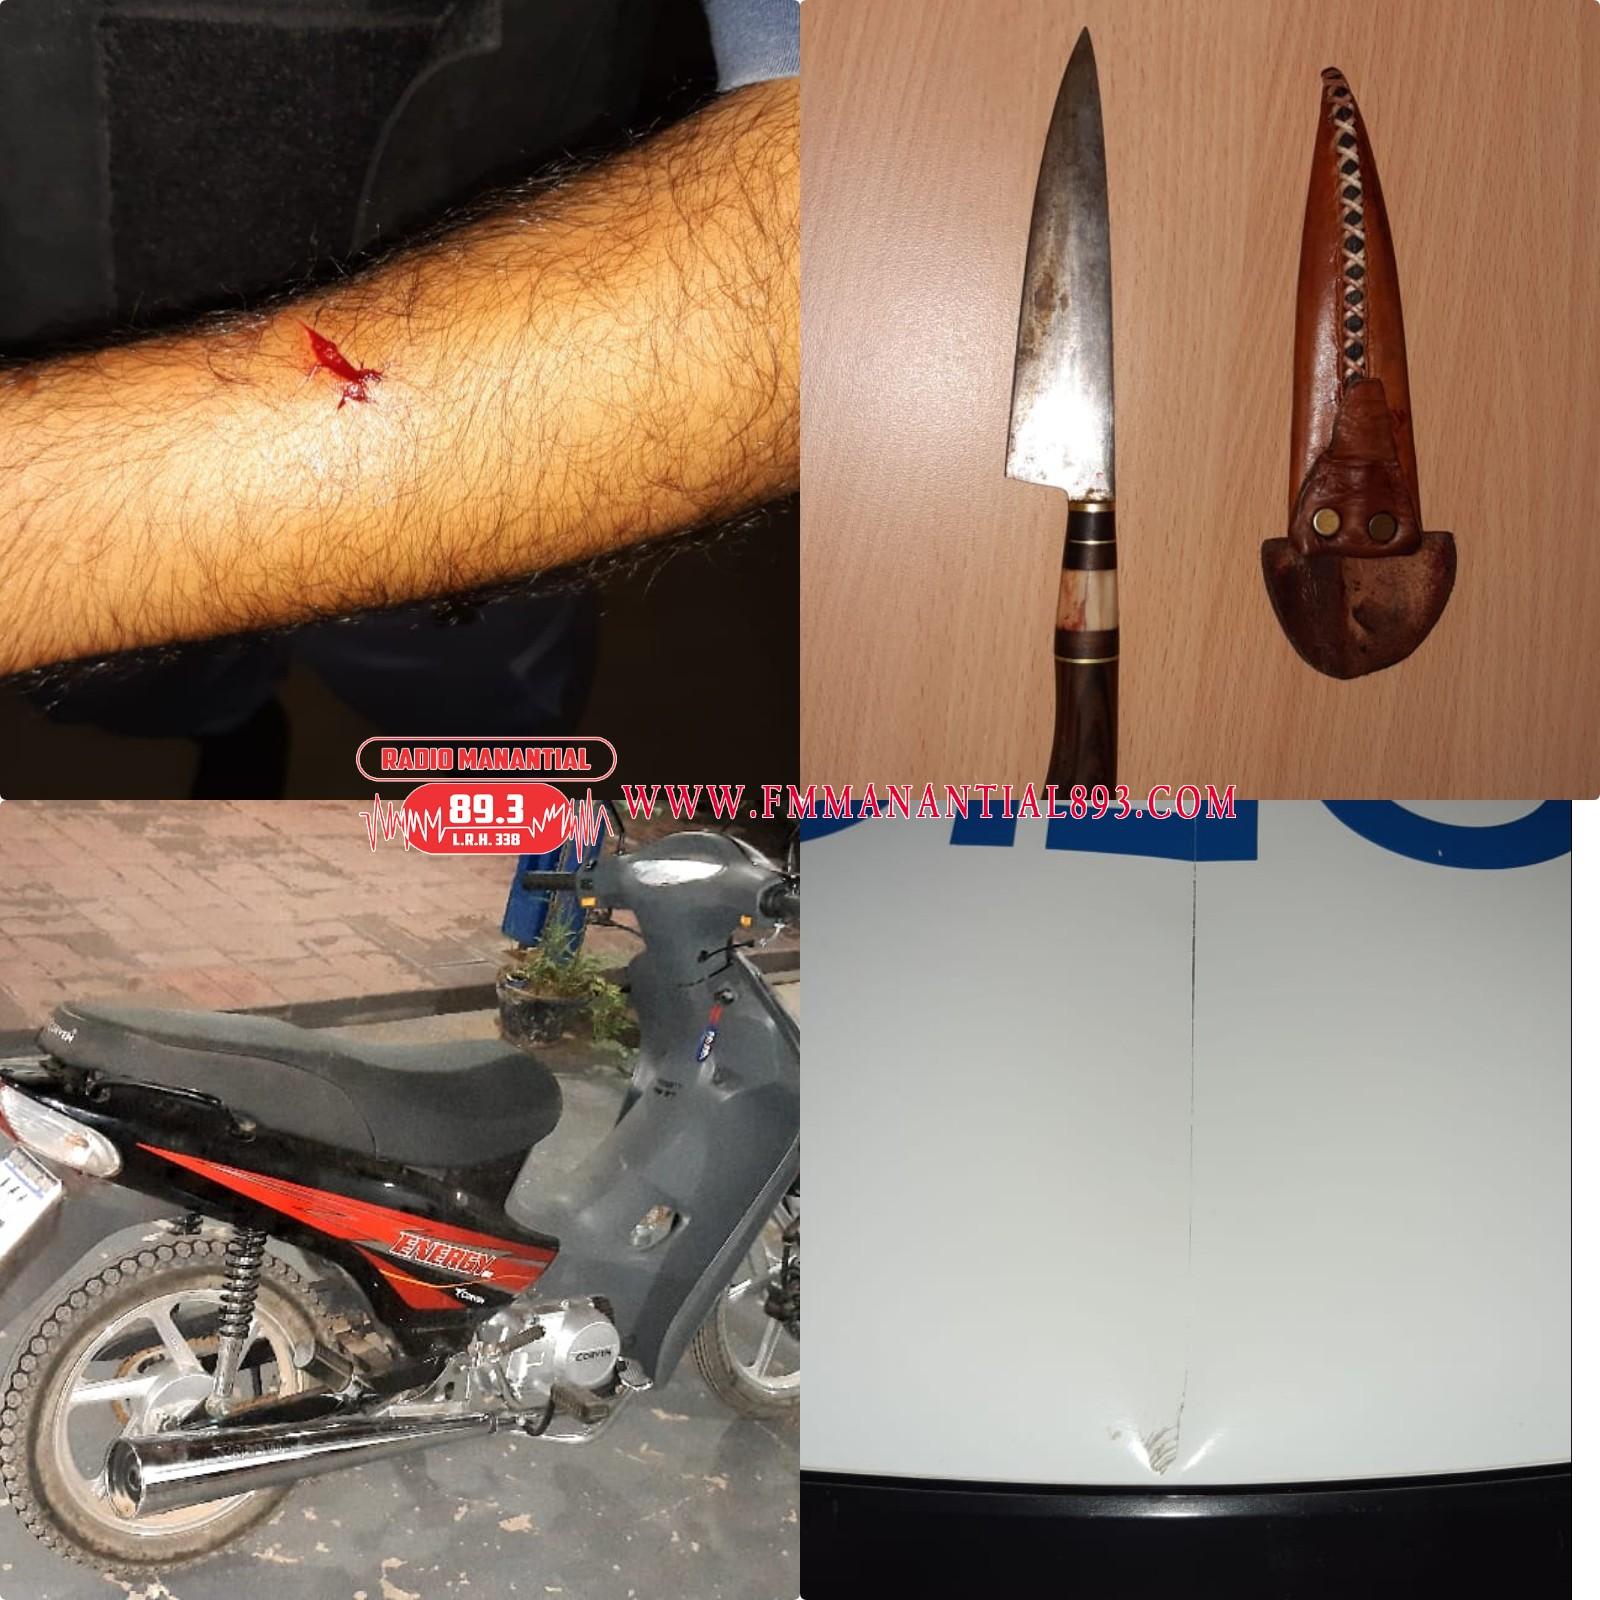 LA TIGRA: TRAS UN DISTURBIO, AGREDIERON A MACHETAZOS AL PERSONAL POLICIAL